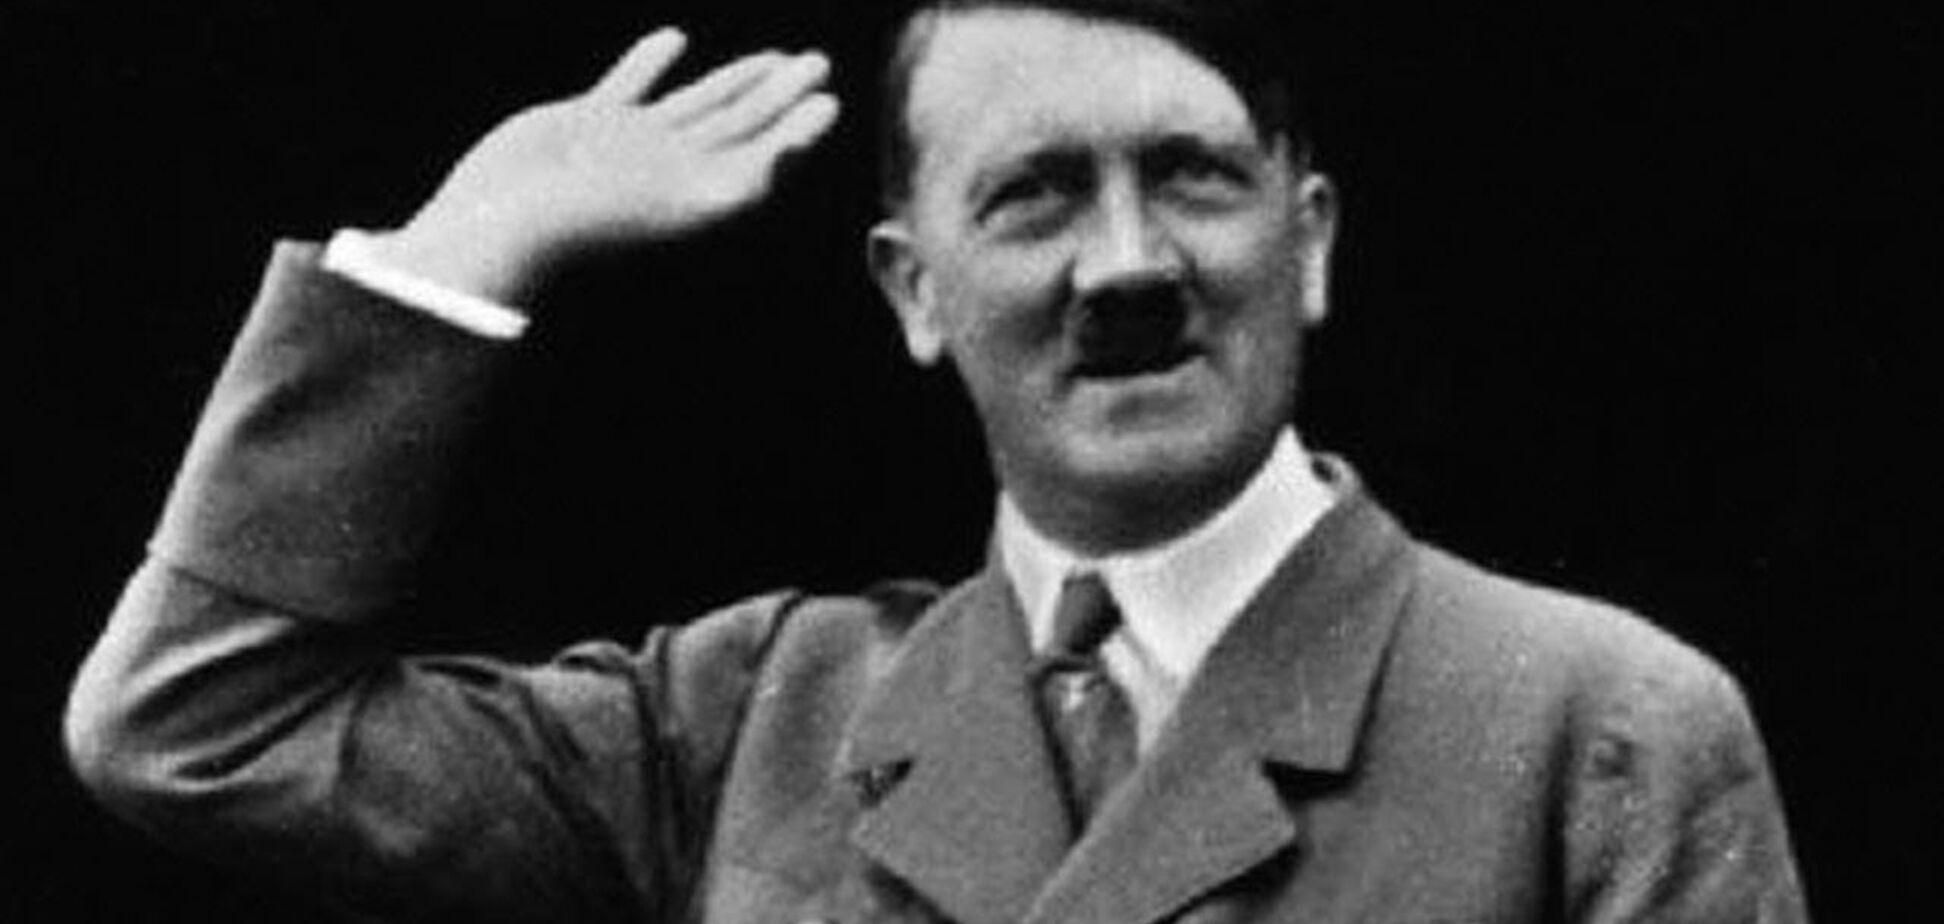 Немецкое безумие: чего хотел Гитлер